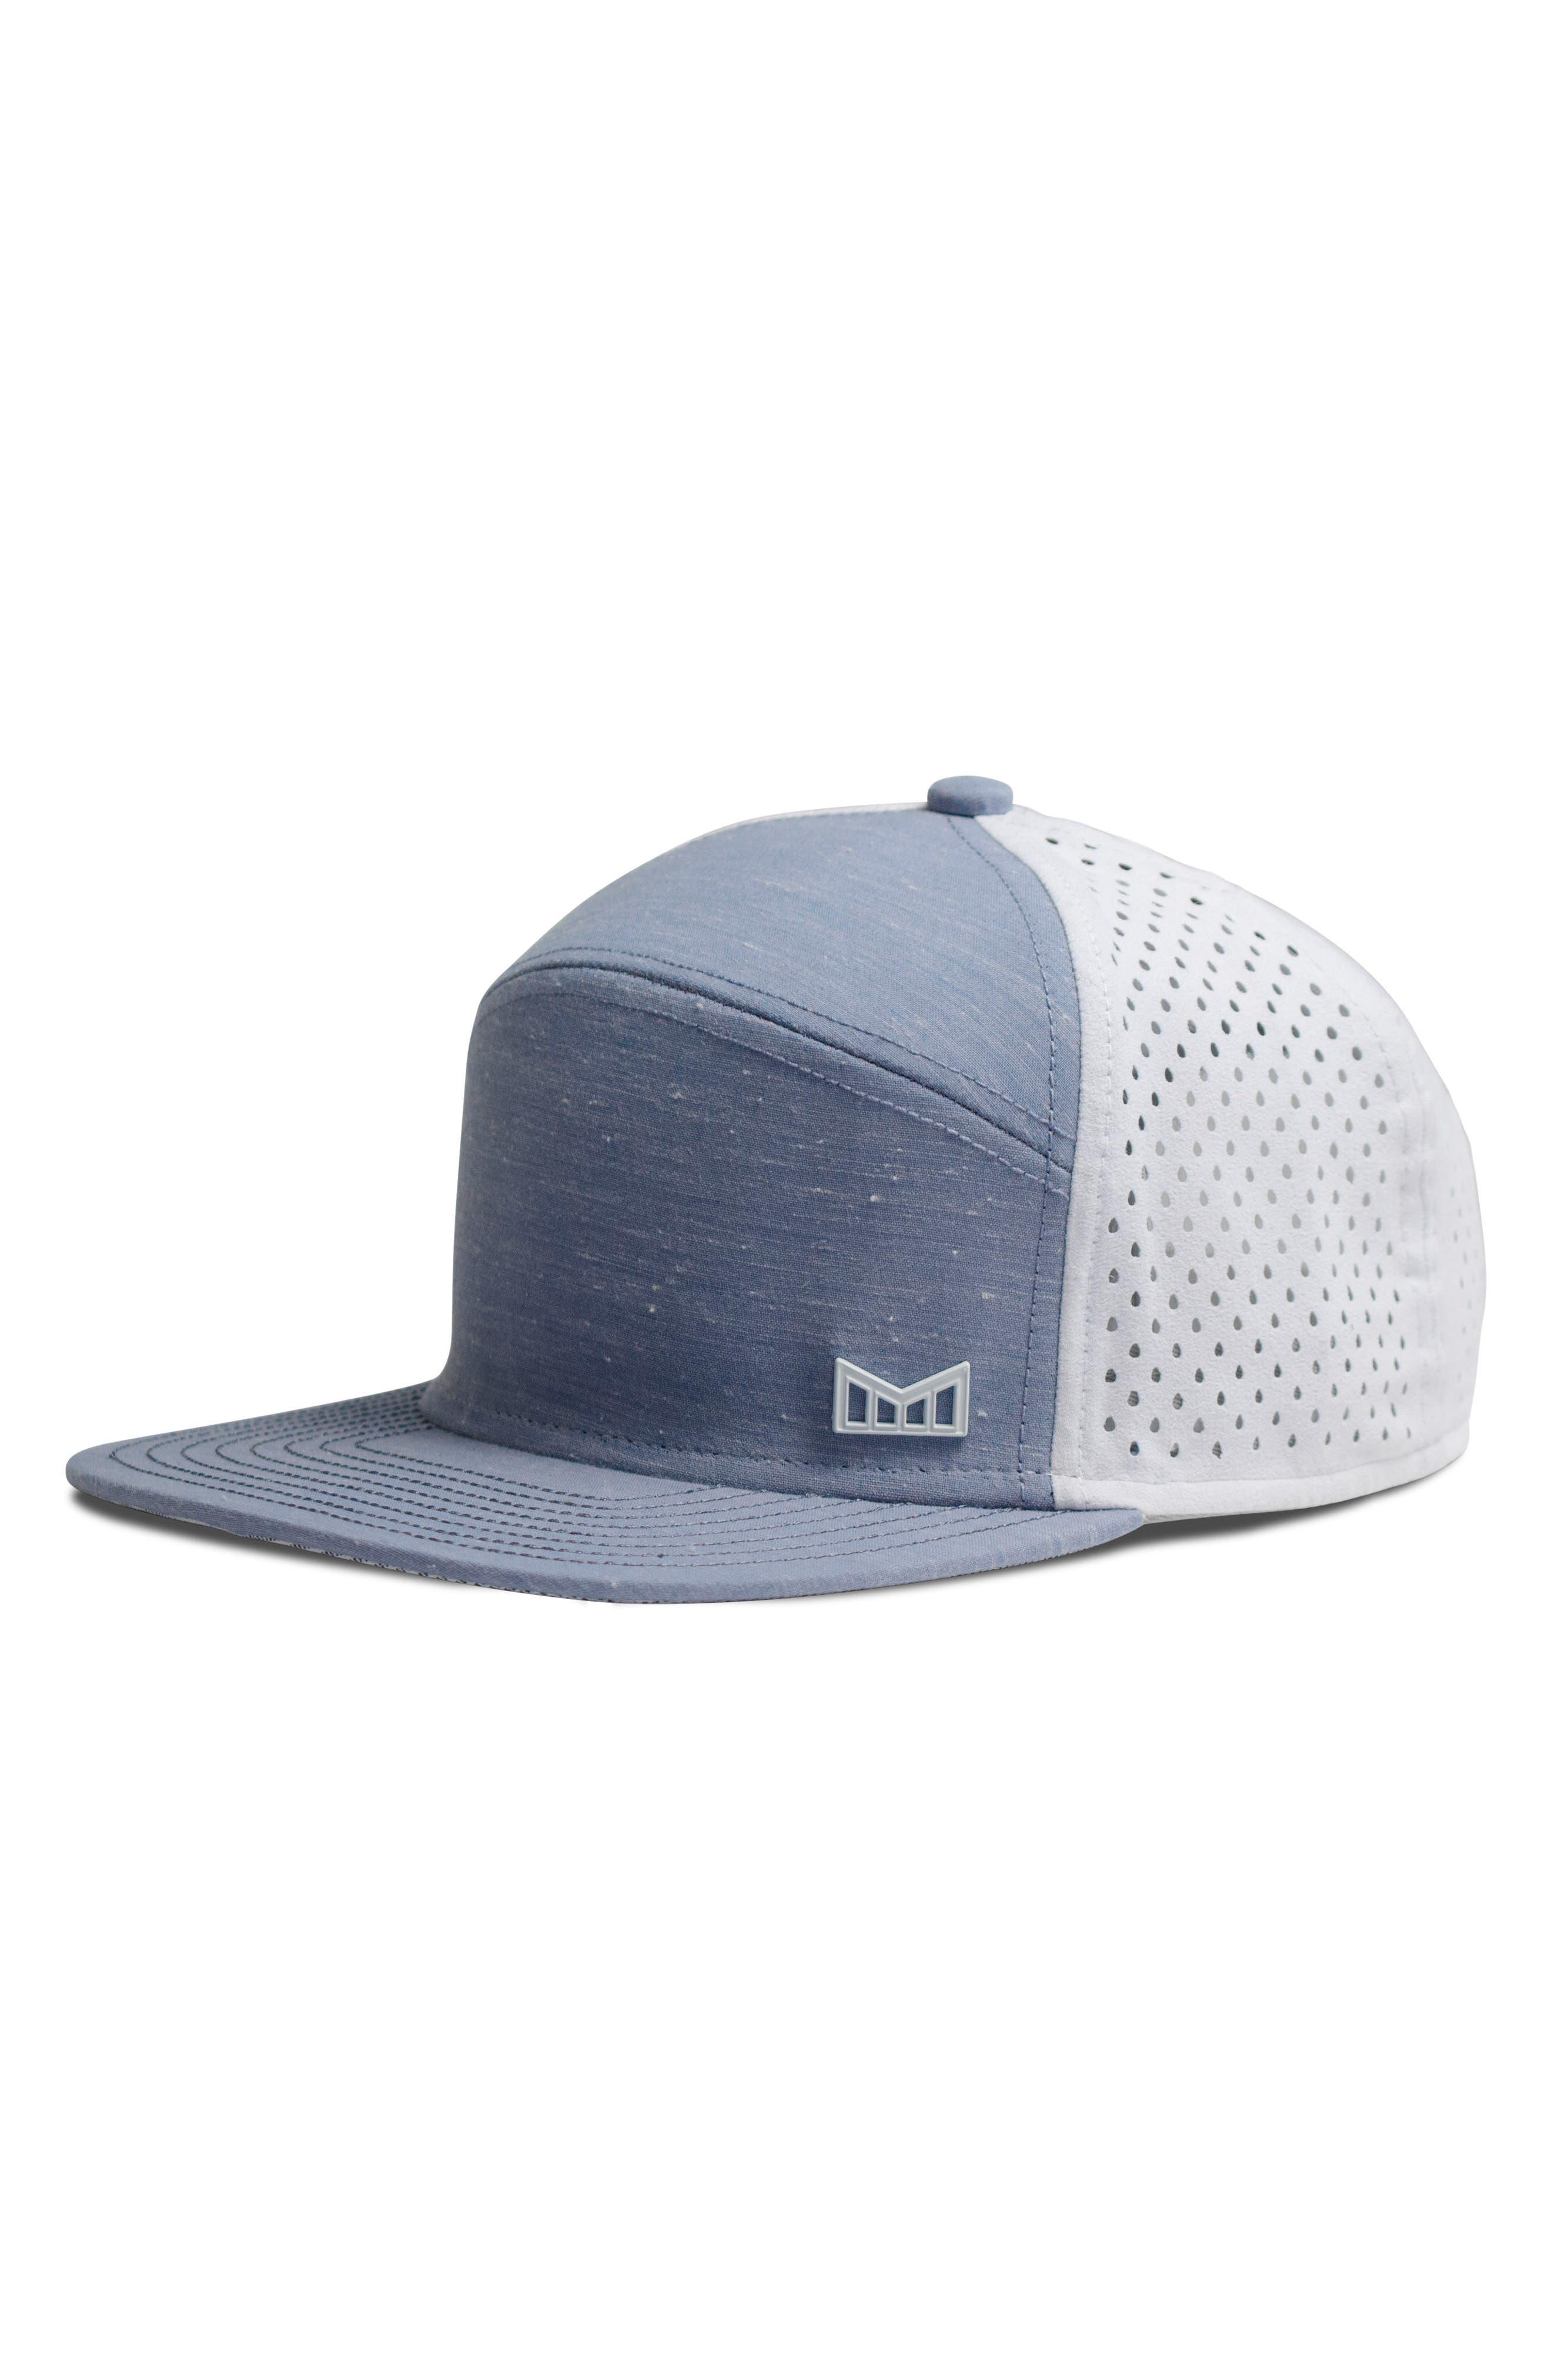 MELIN Trenches Snapback Baseball Cap - Blue